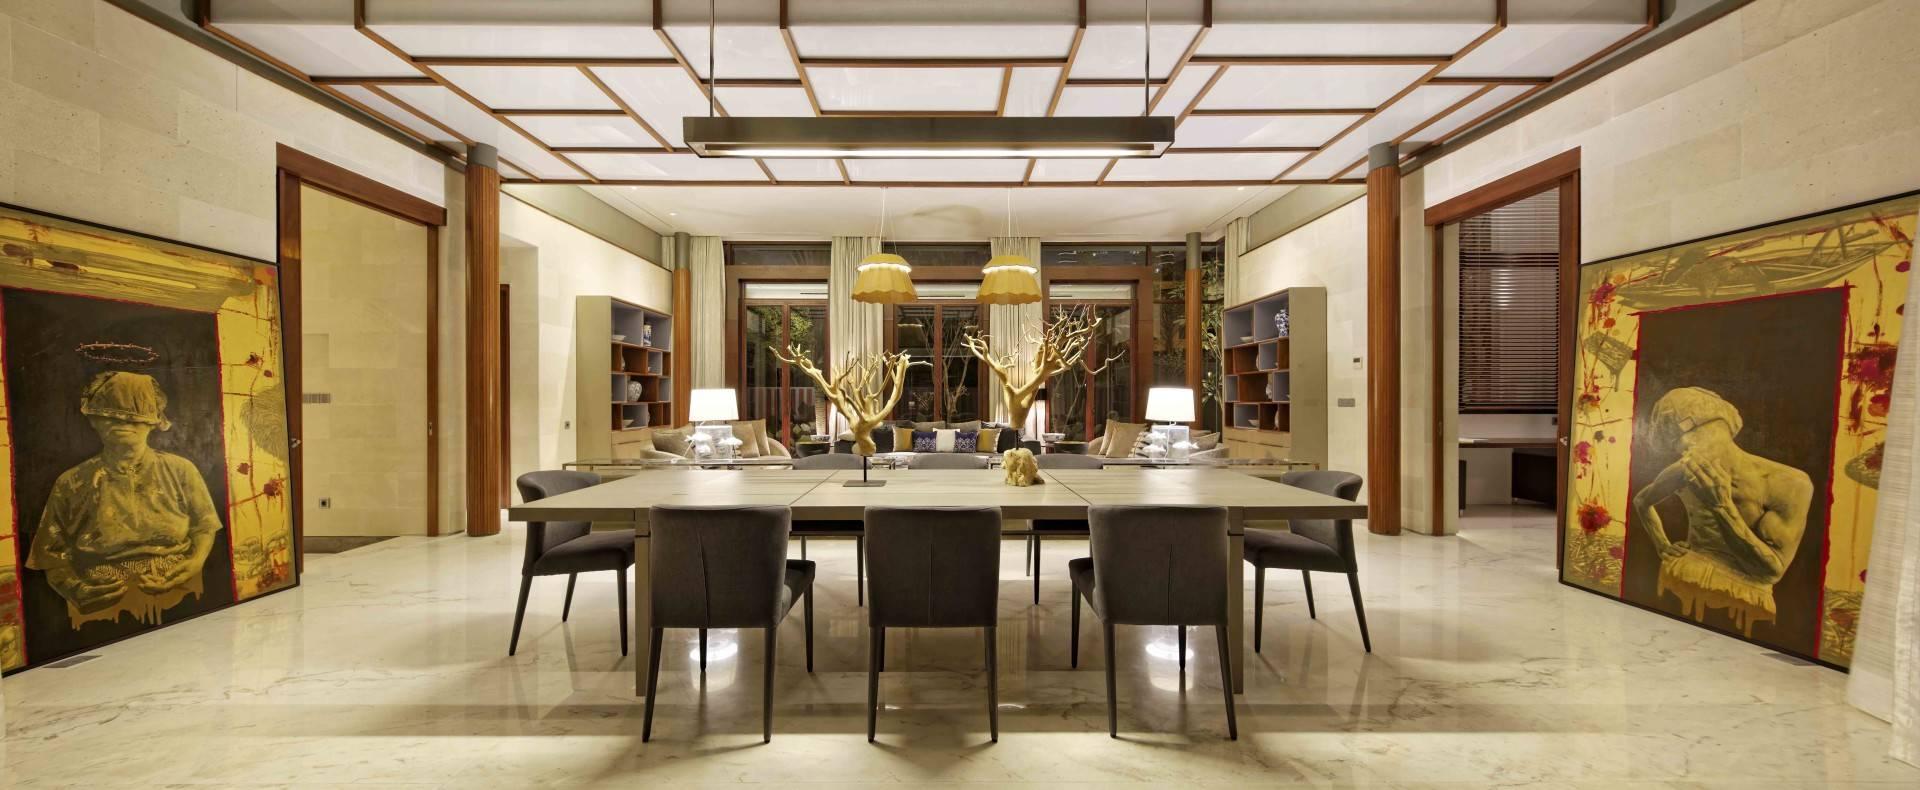 Atelier Cosmas Gozali Denpasar Residence At Kuningan Jakarta, Indonesia Jakarta, Indonesia Dining Room  <P>Photo By Fernando Gomulya</p> 2287